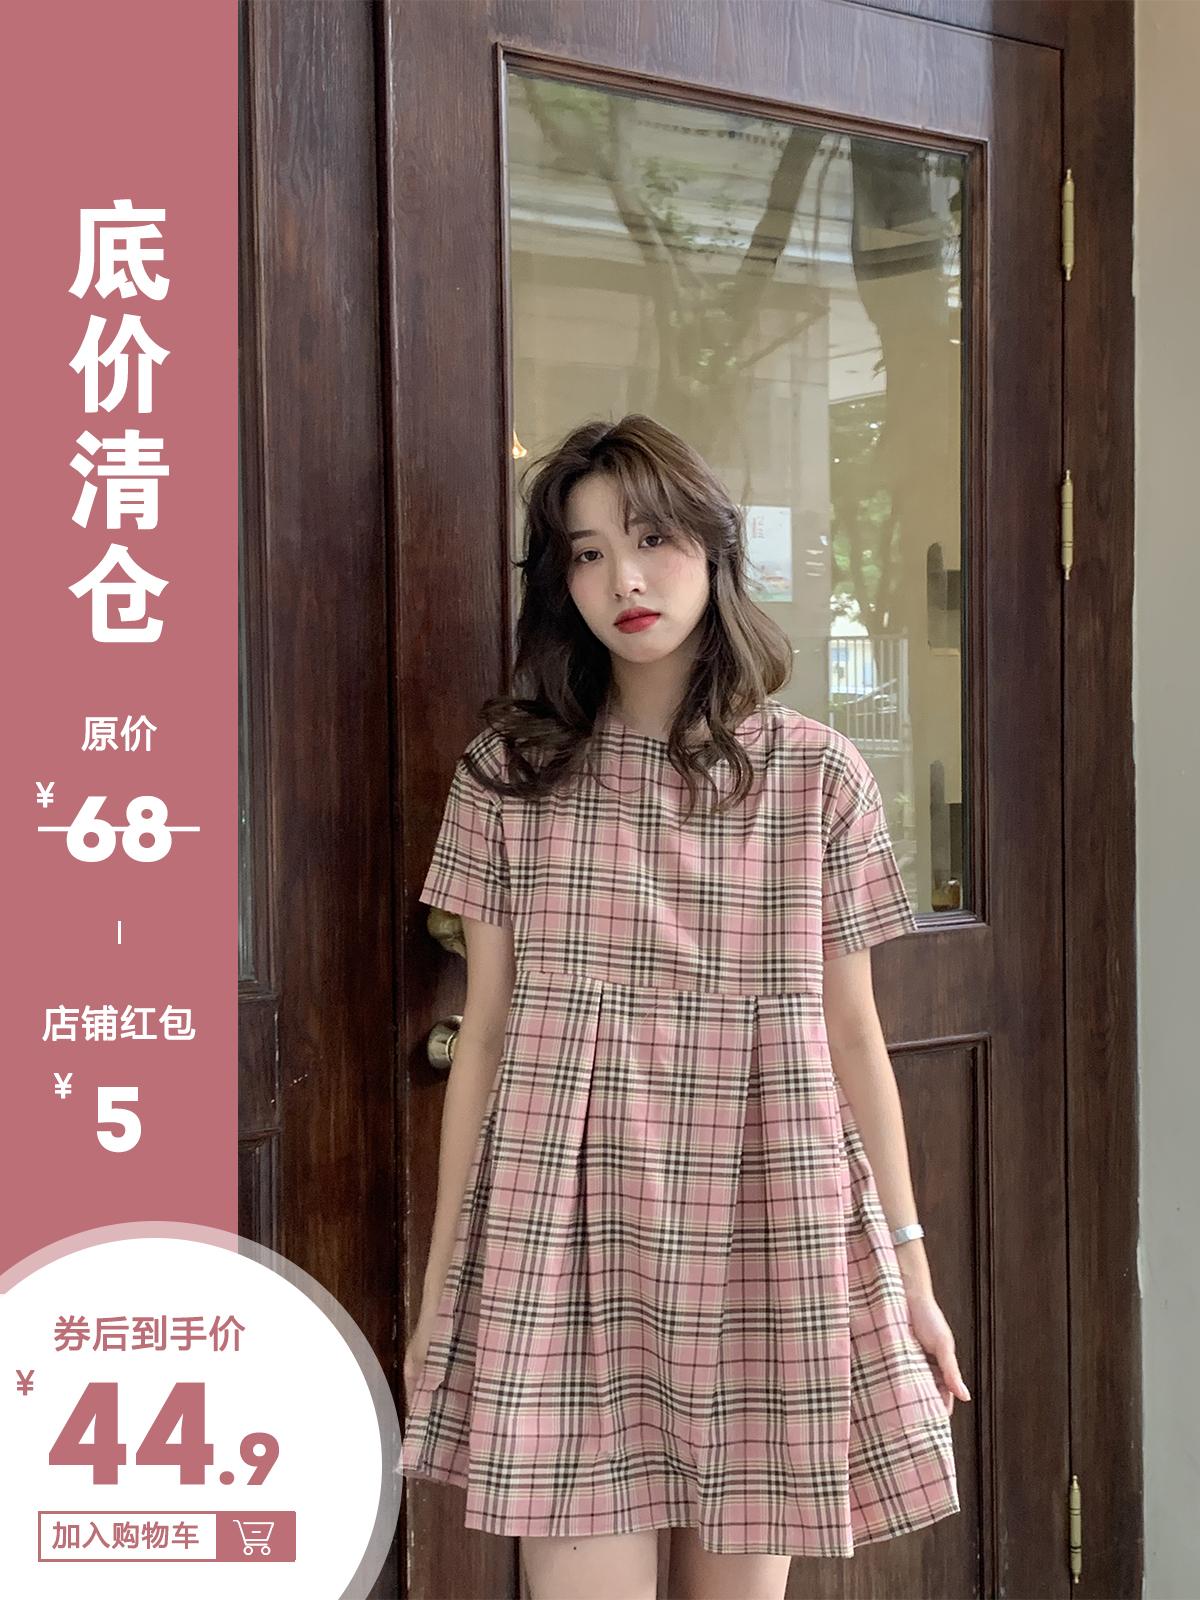 馨幫幫 現貨限量韓版圓領短袖格子百褶連衣裙女OL風休閑裙子女